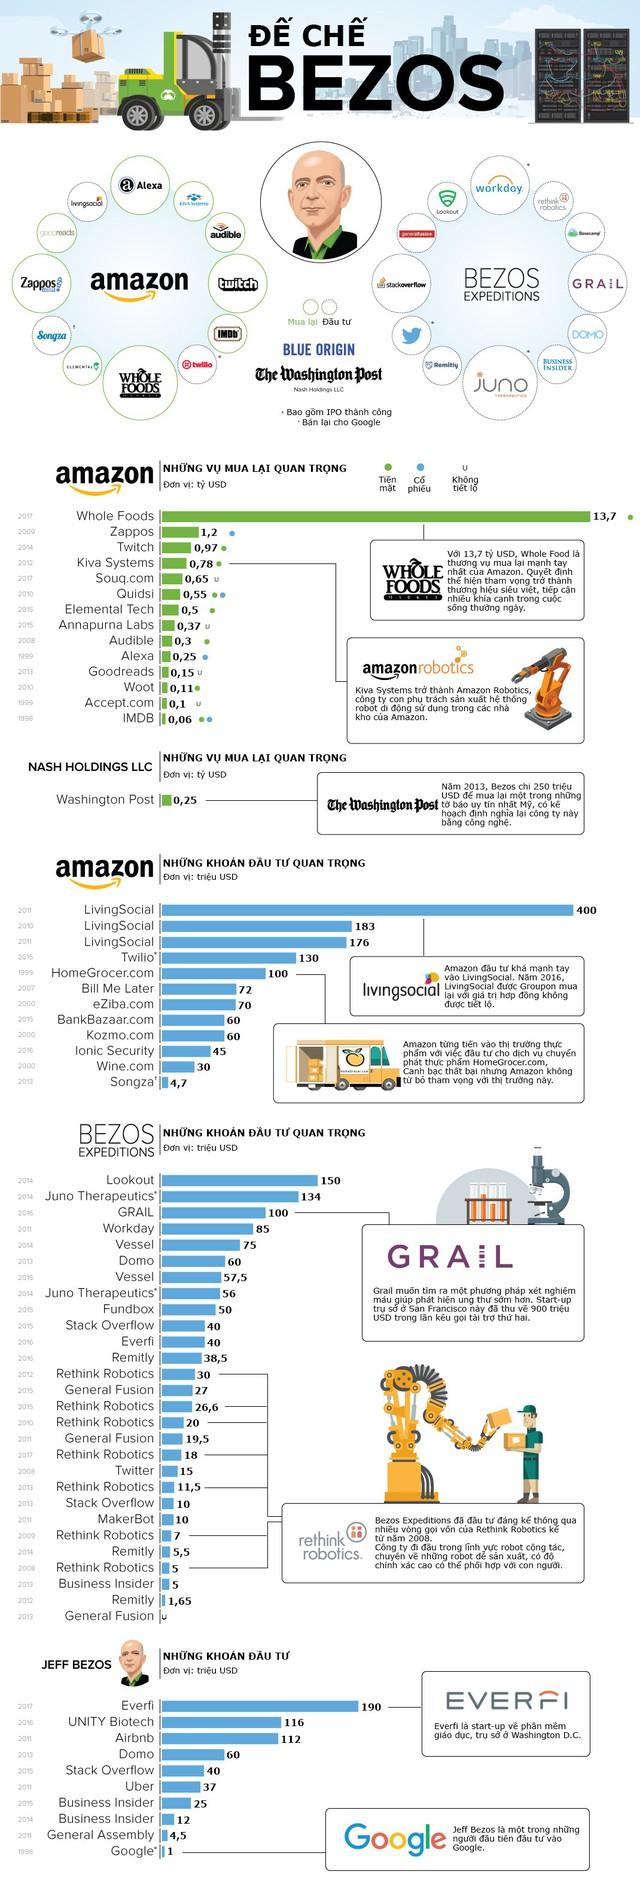 [Infographic] Người giàu nhất Mỹ đầu tư vào những đâu? - Ảnh 1.